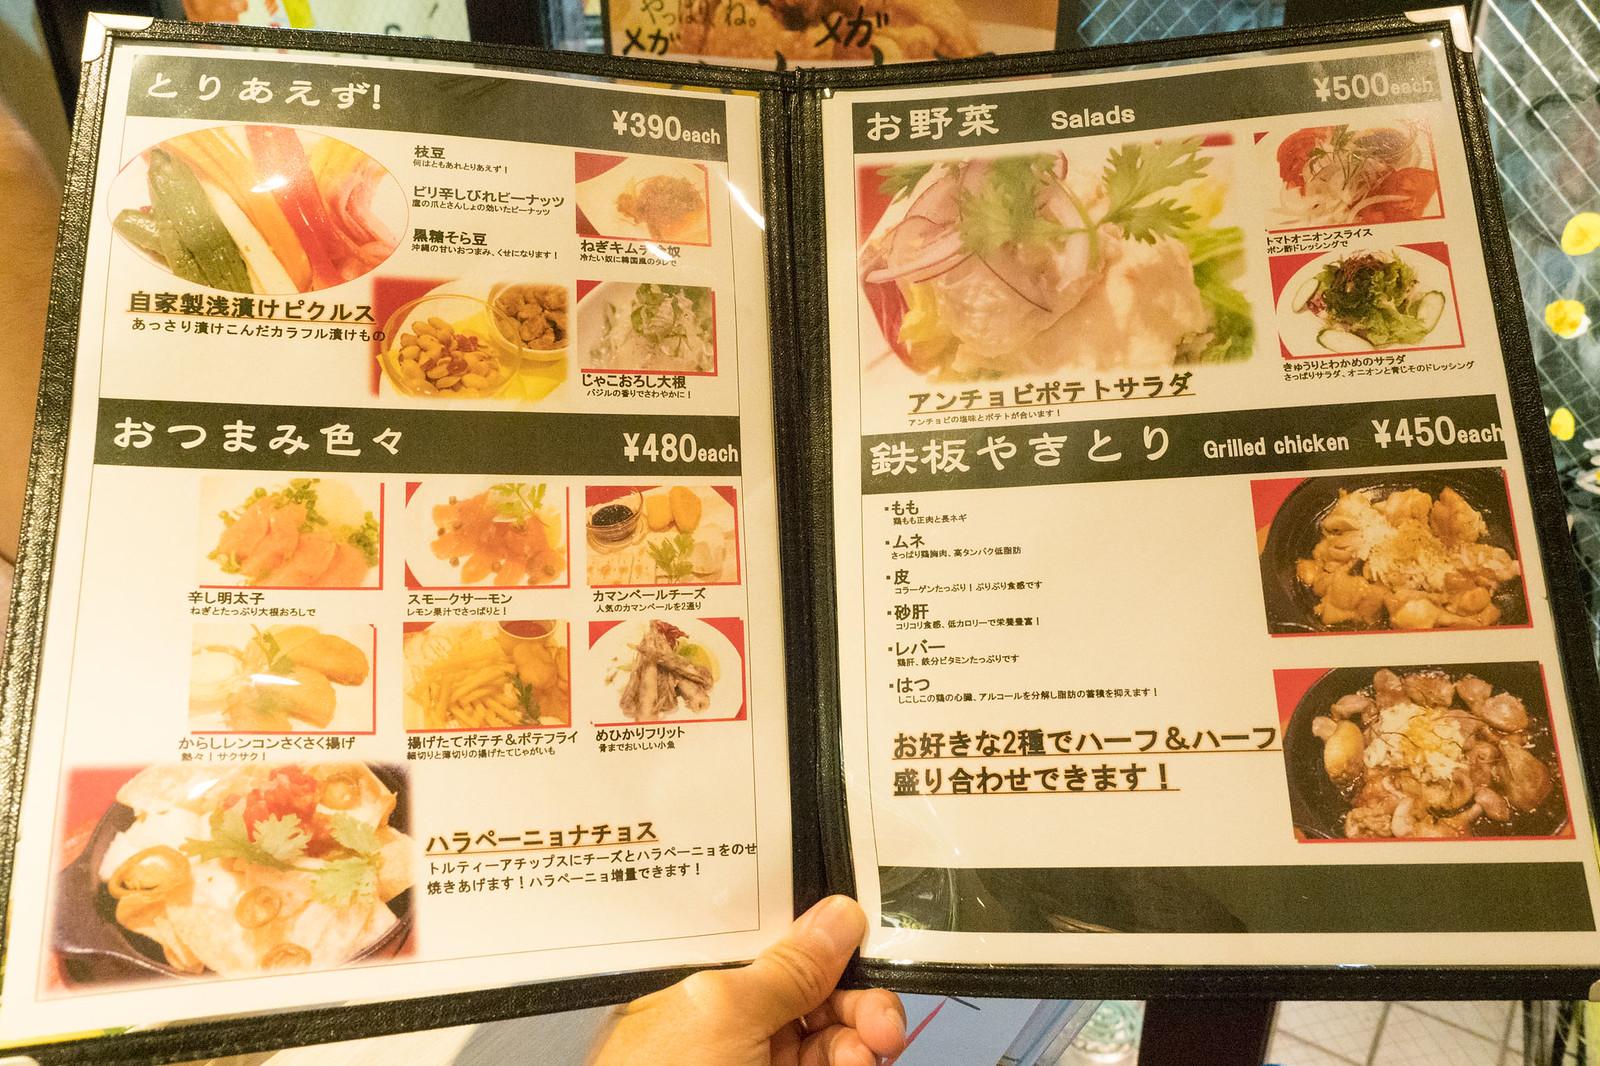 KAMATA_Cafe_karaage-8